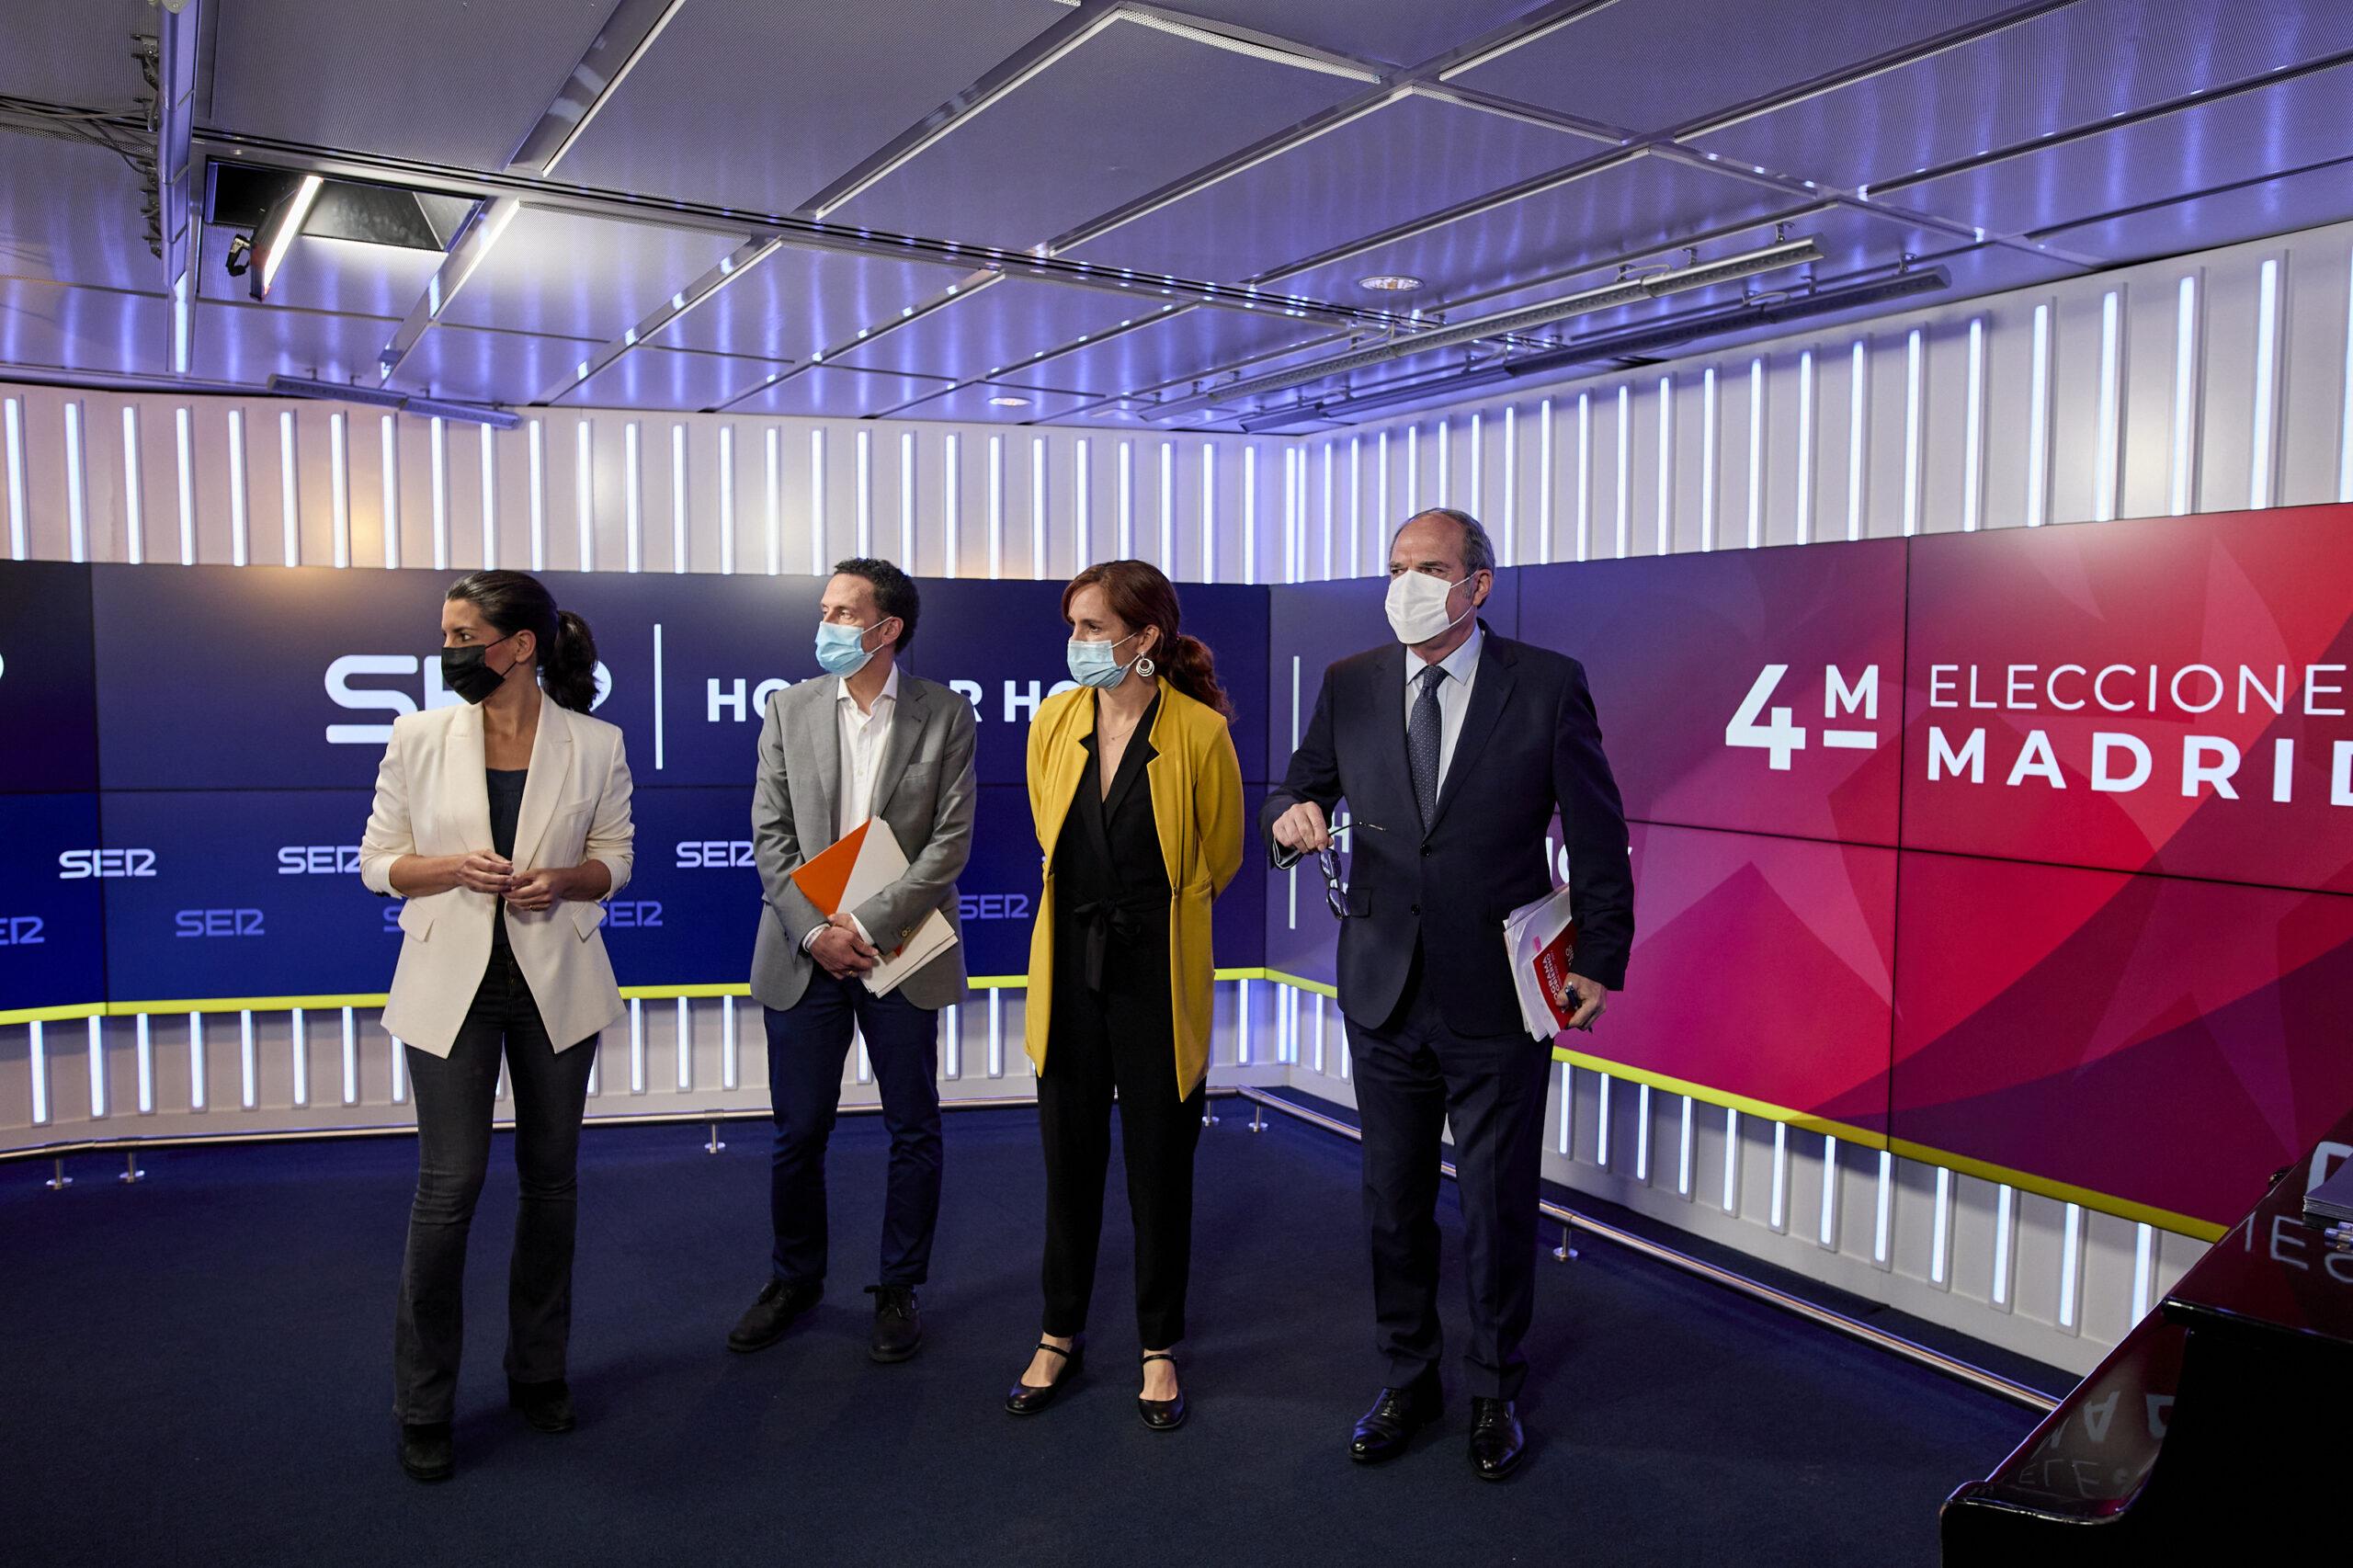 Cinc dels candidats / EP